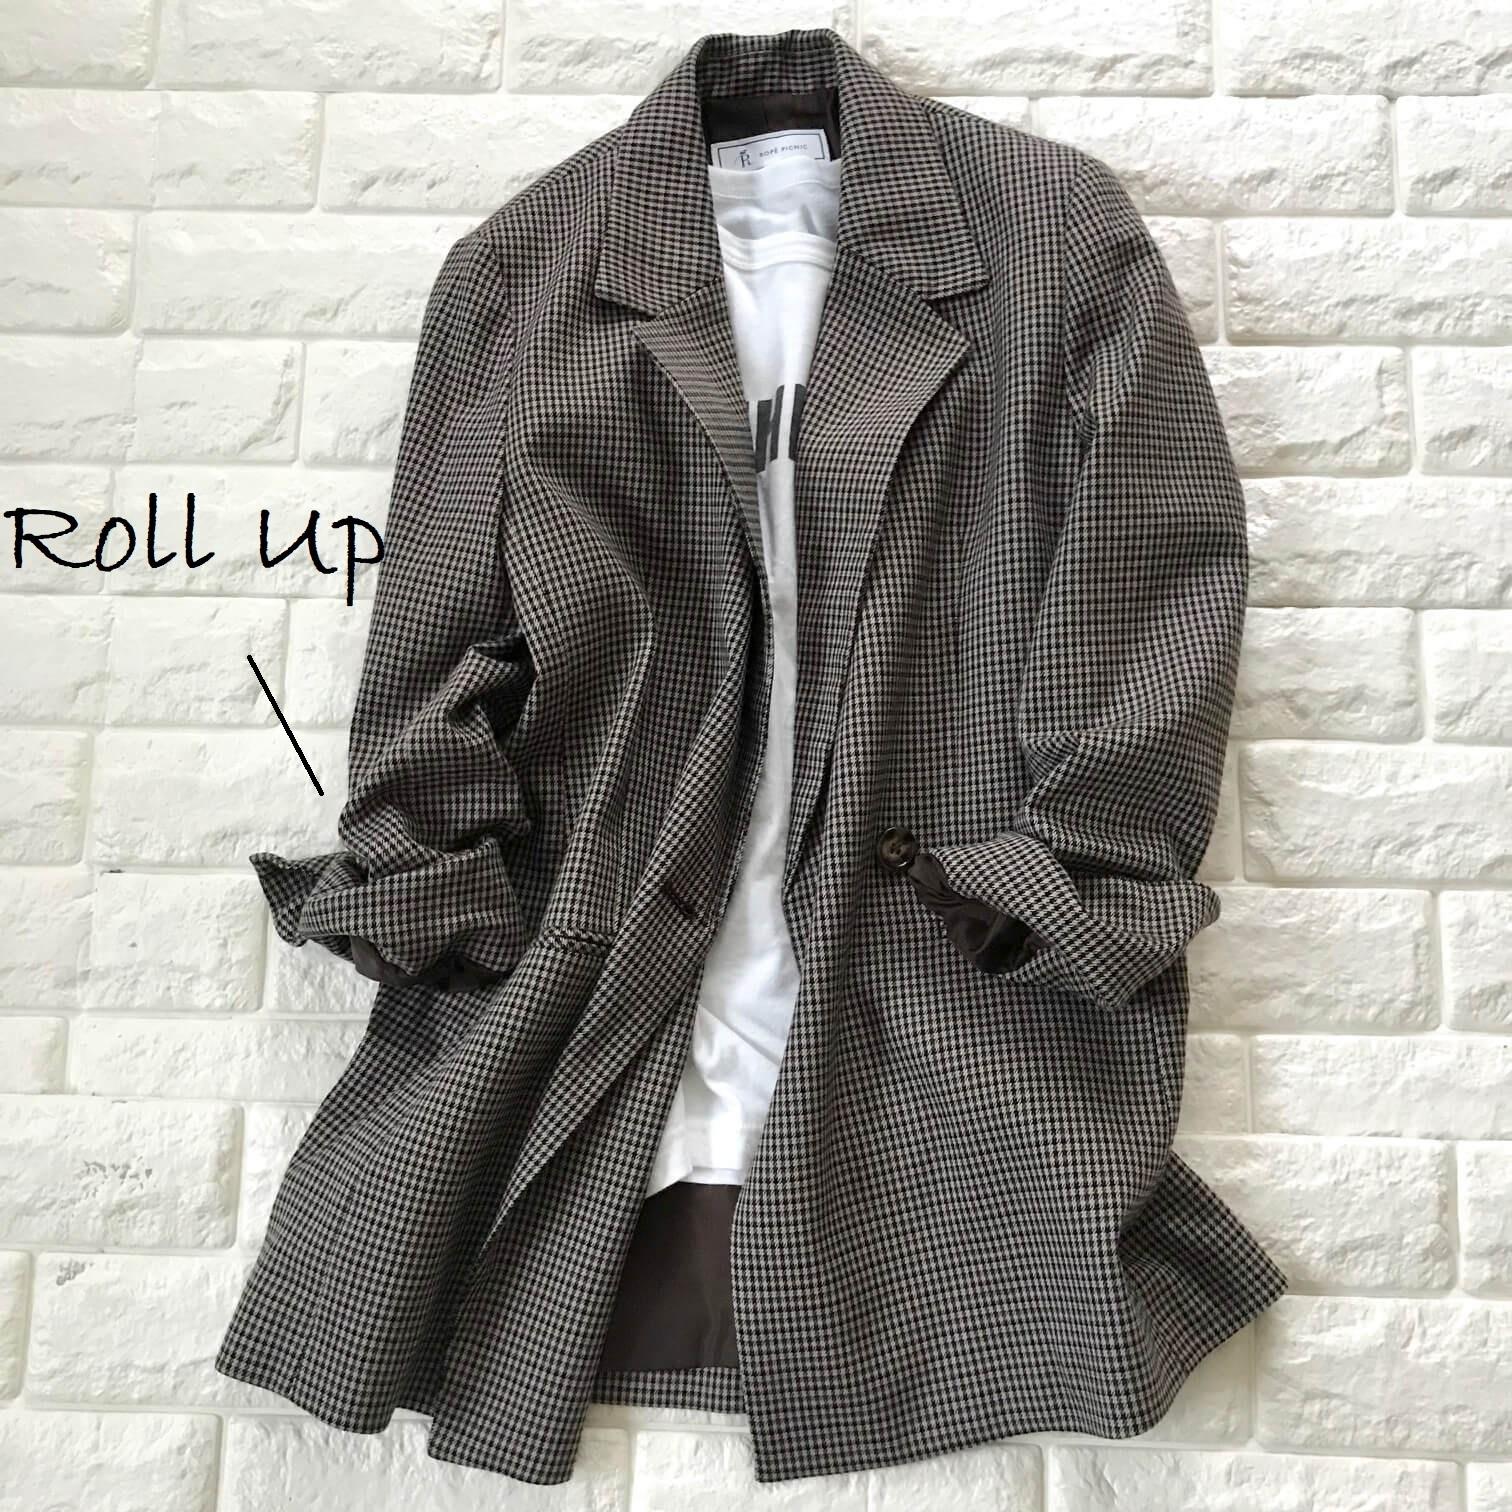 ロペピクニックのチェック柄テーラードジャケット×Tシャツ 袖をロールアップ